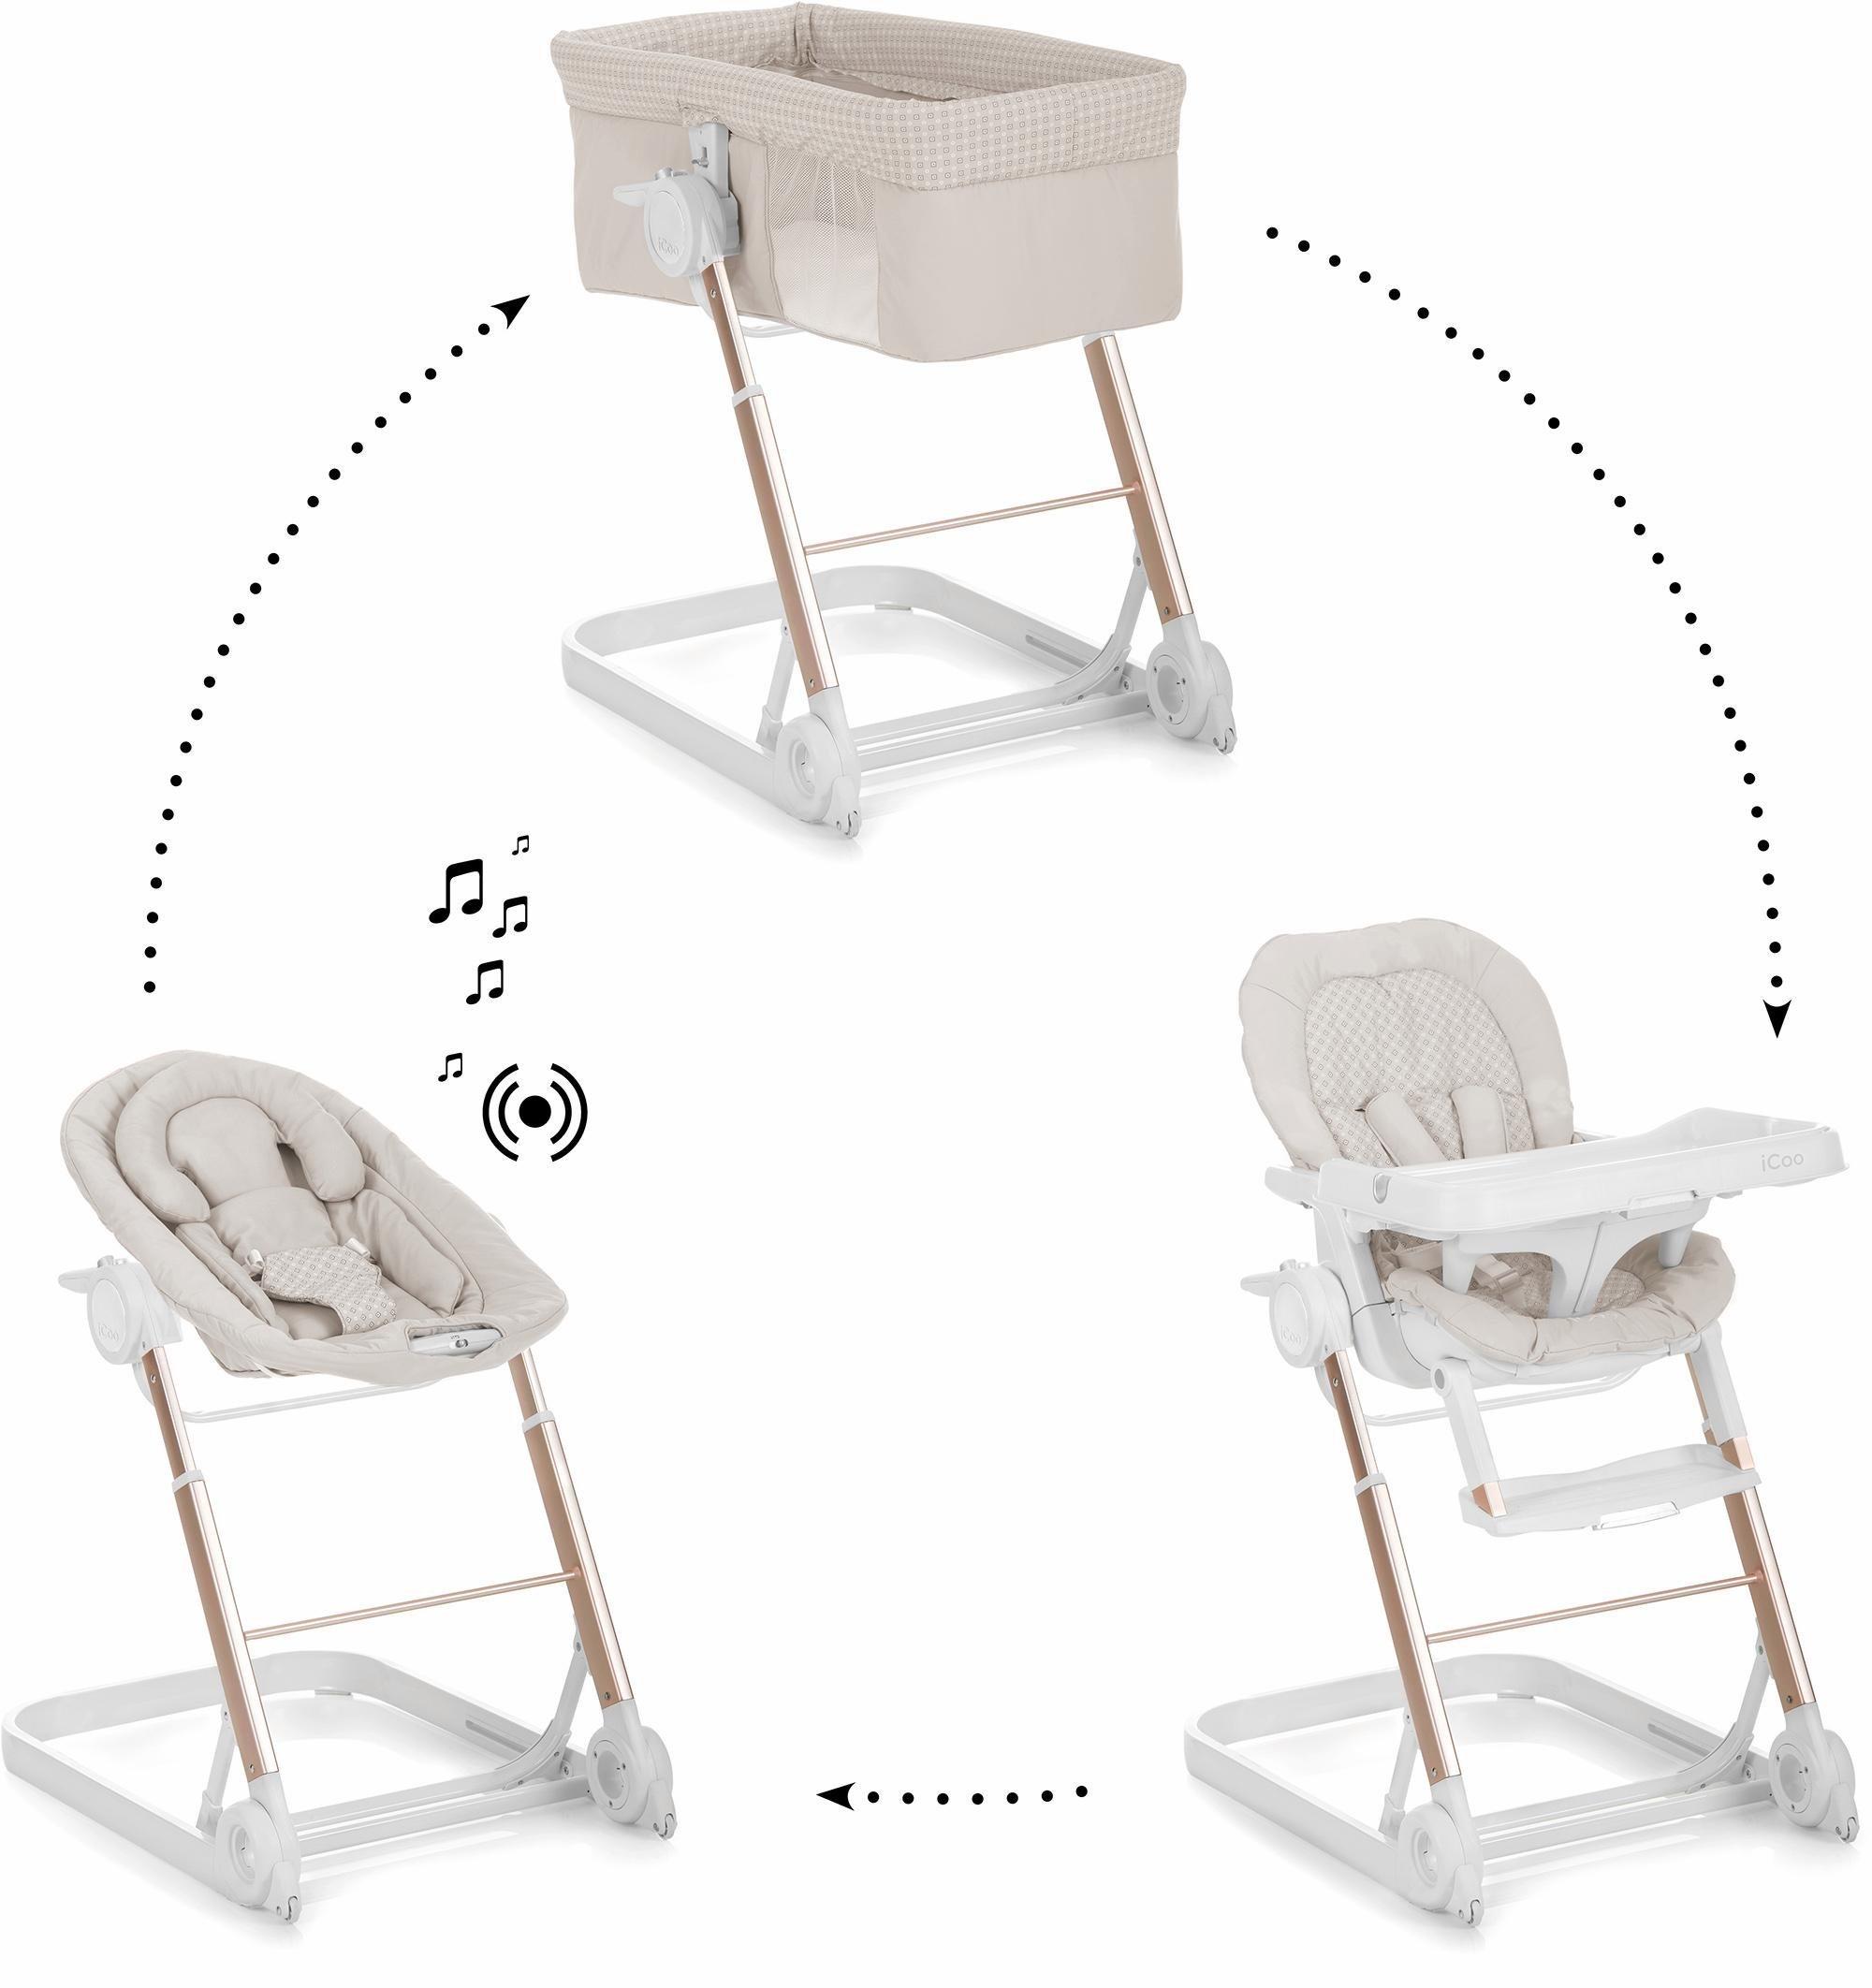 iCoo 3-in-1 Komplettset: Babybett und Hochstuhl, »Grow with me 1-2-3 Diamond Beige«   Kinderzimmer > Babymöbel > Babybetten & Babywiegen   Aluminium   iCoo